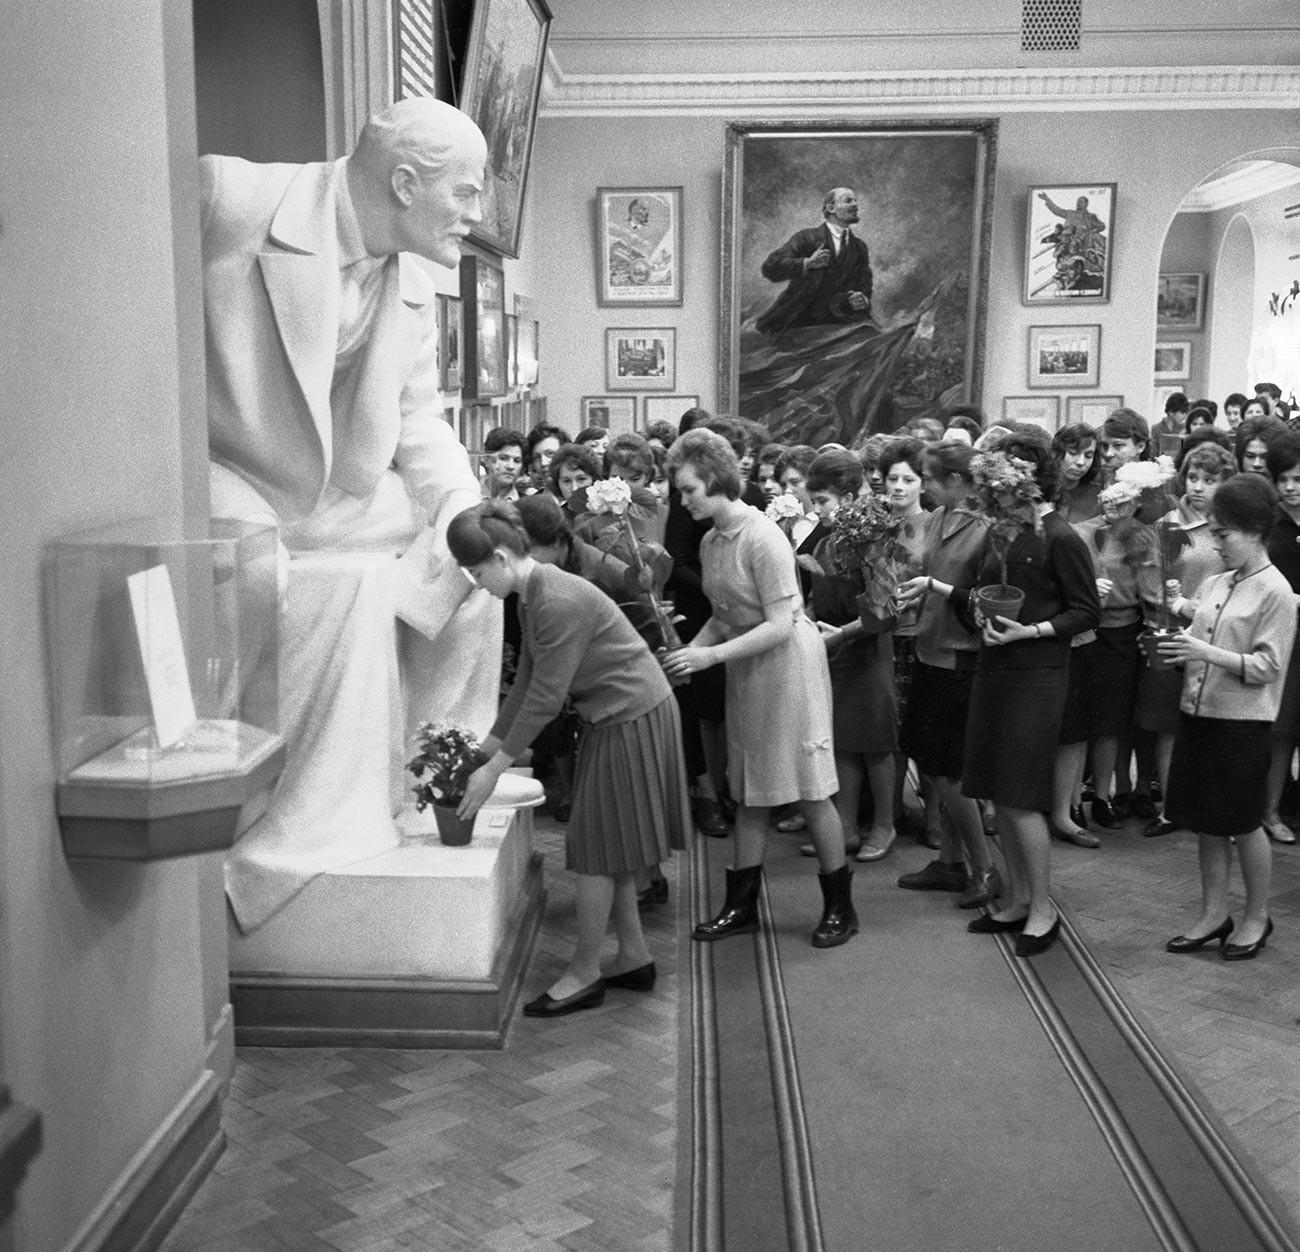 Централен музей на В.И. Ленин. Полагане на цветя на паметника в една от залите на музея.